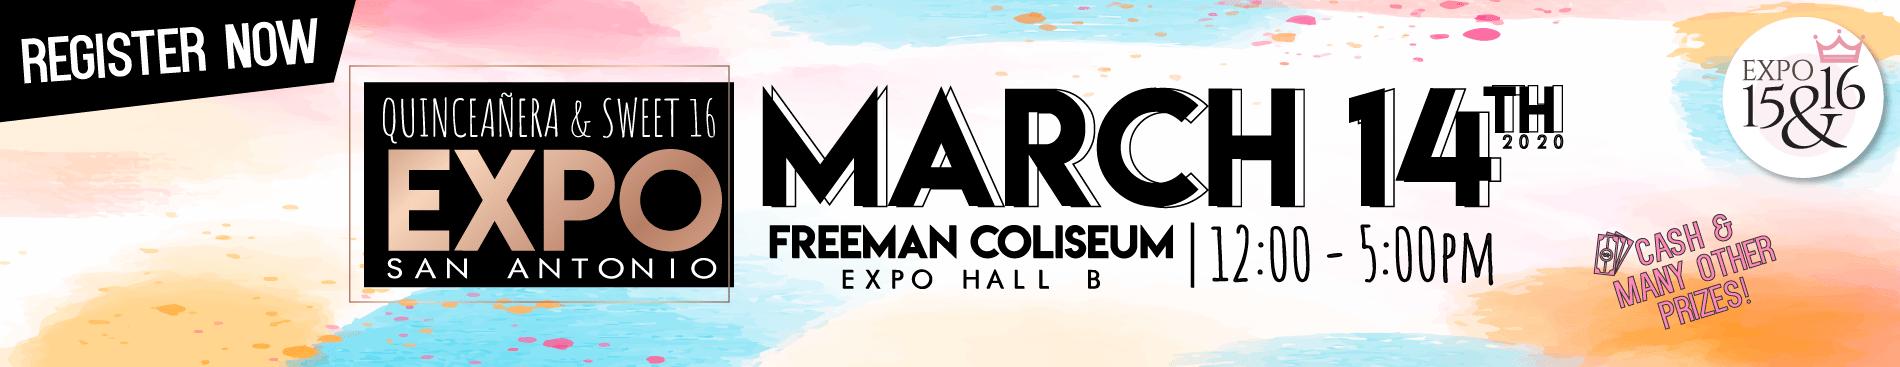 EXPO1516-Marzo-2021-web-banner